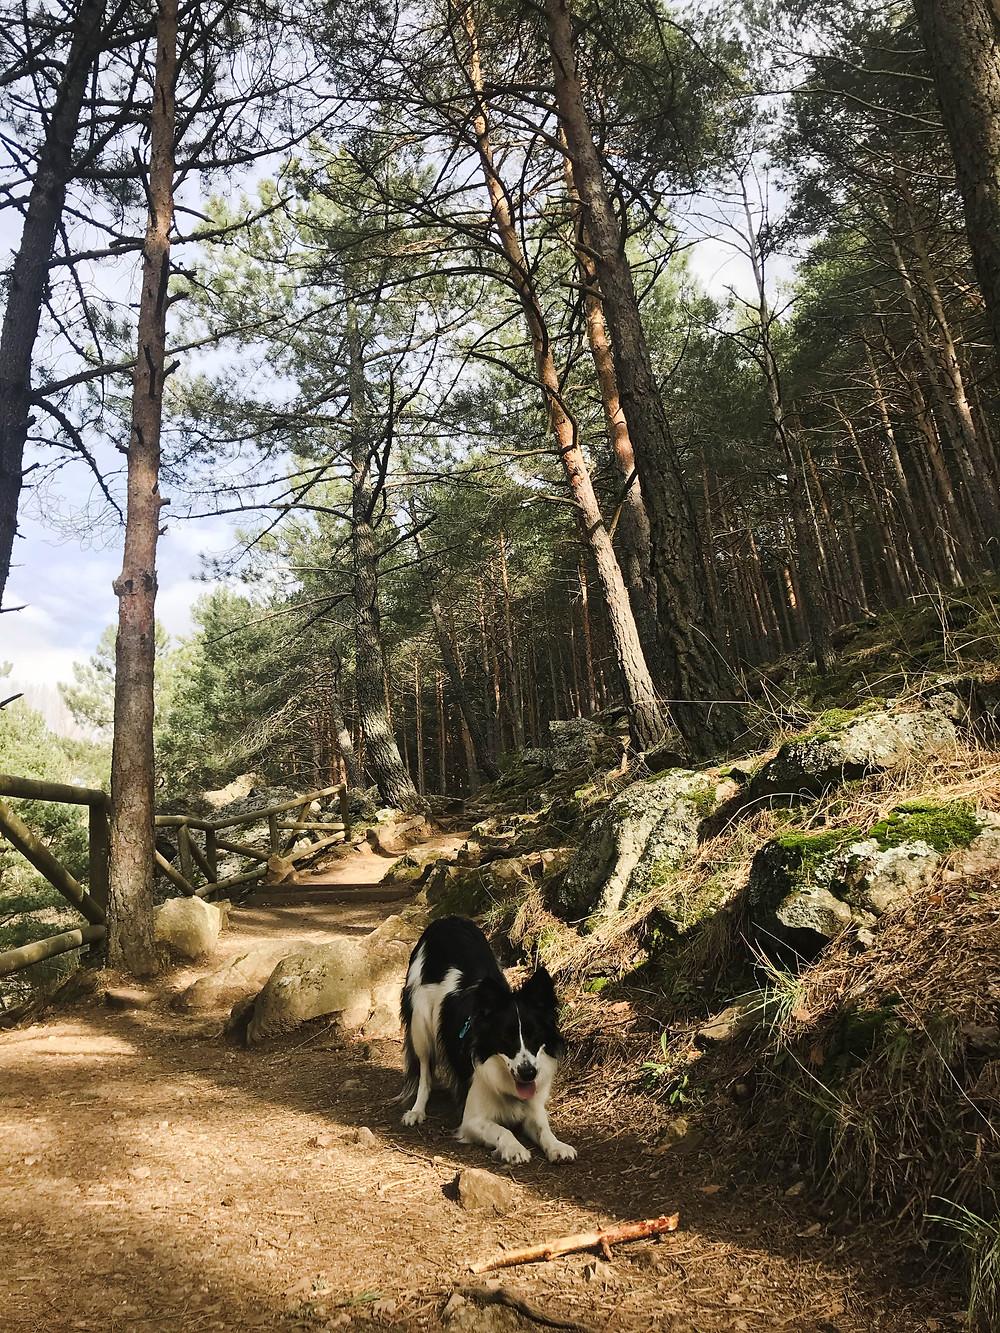 Inicio de la ruta - Paseando entre pinos